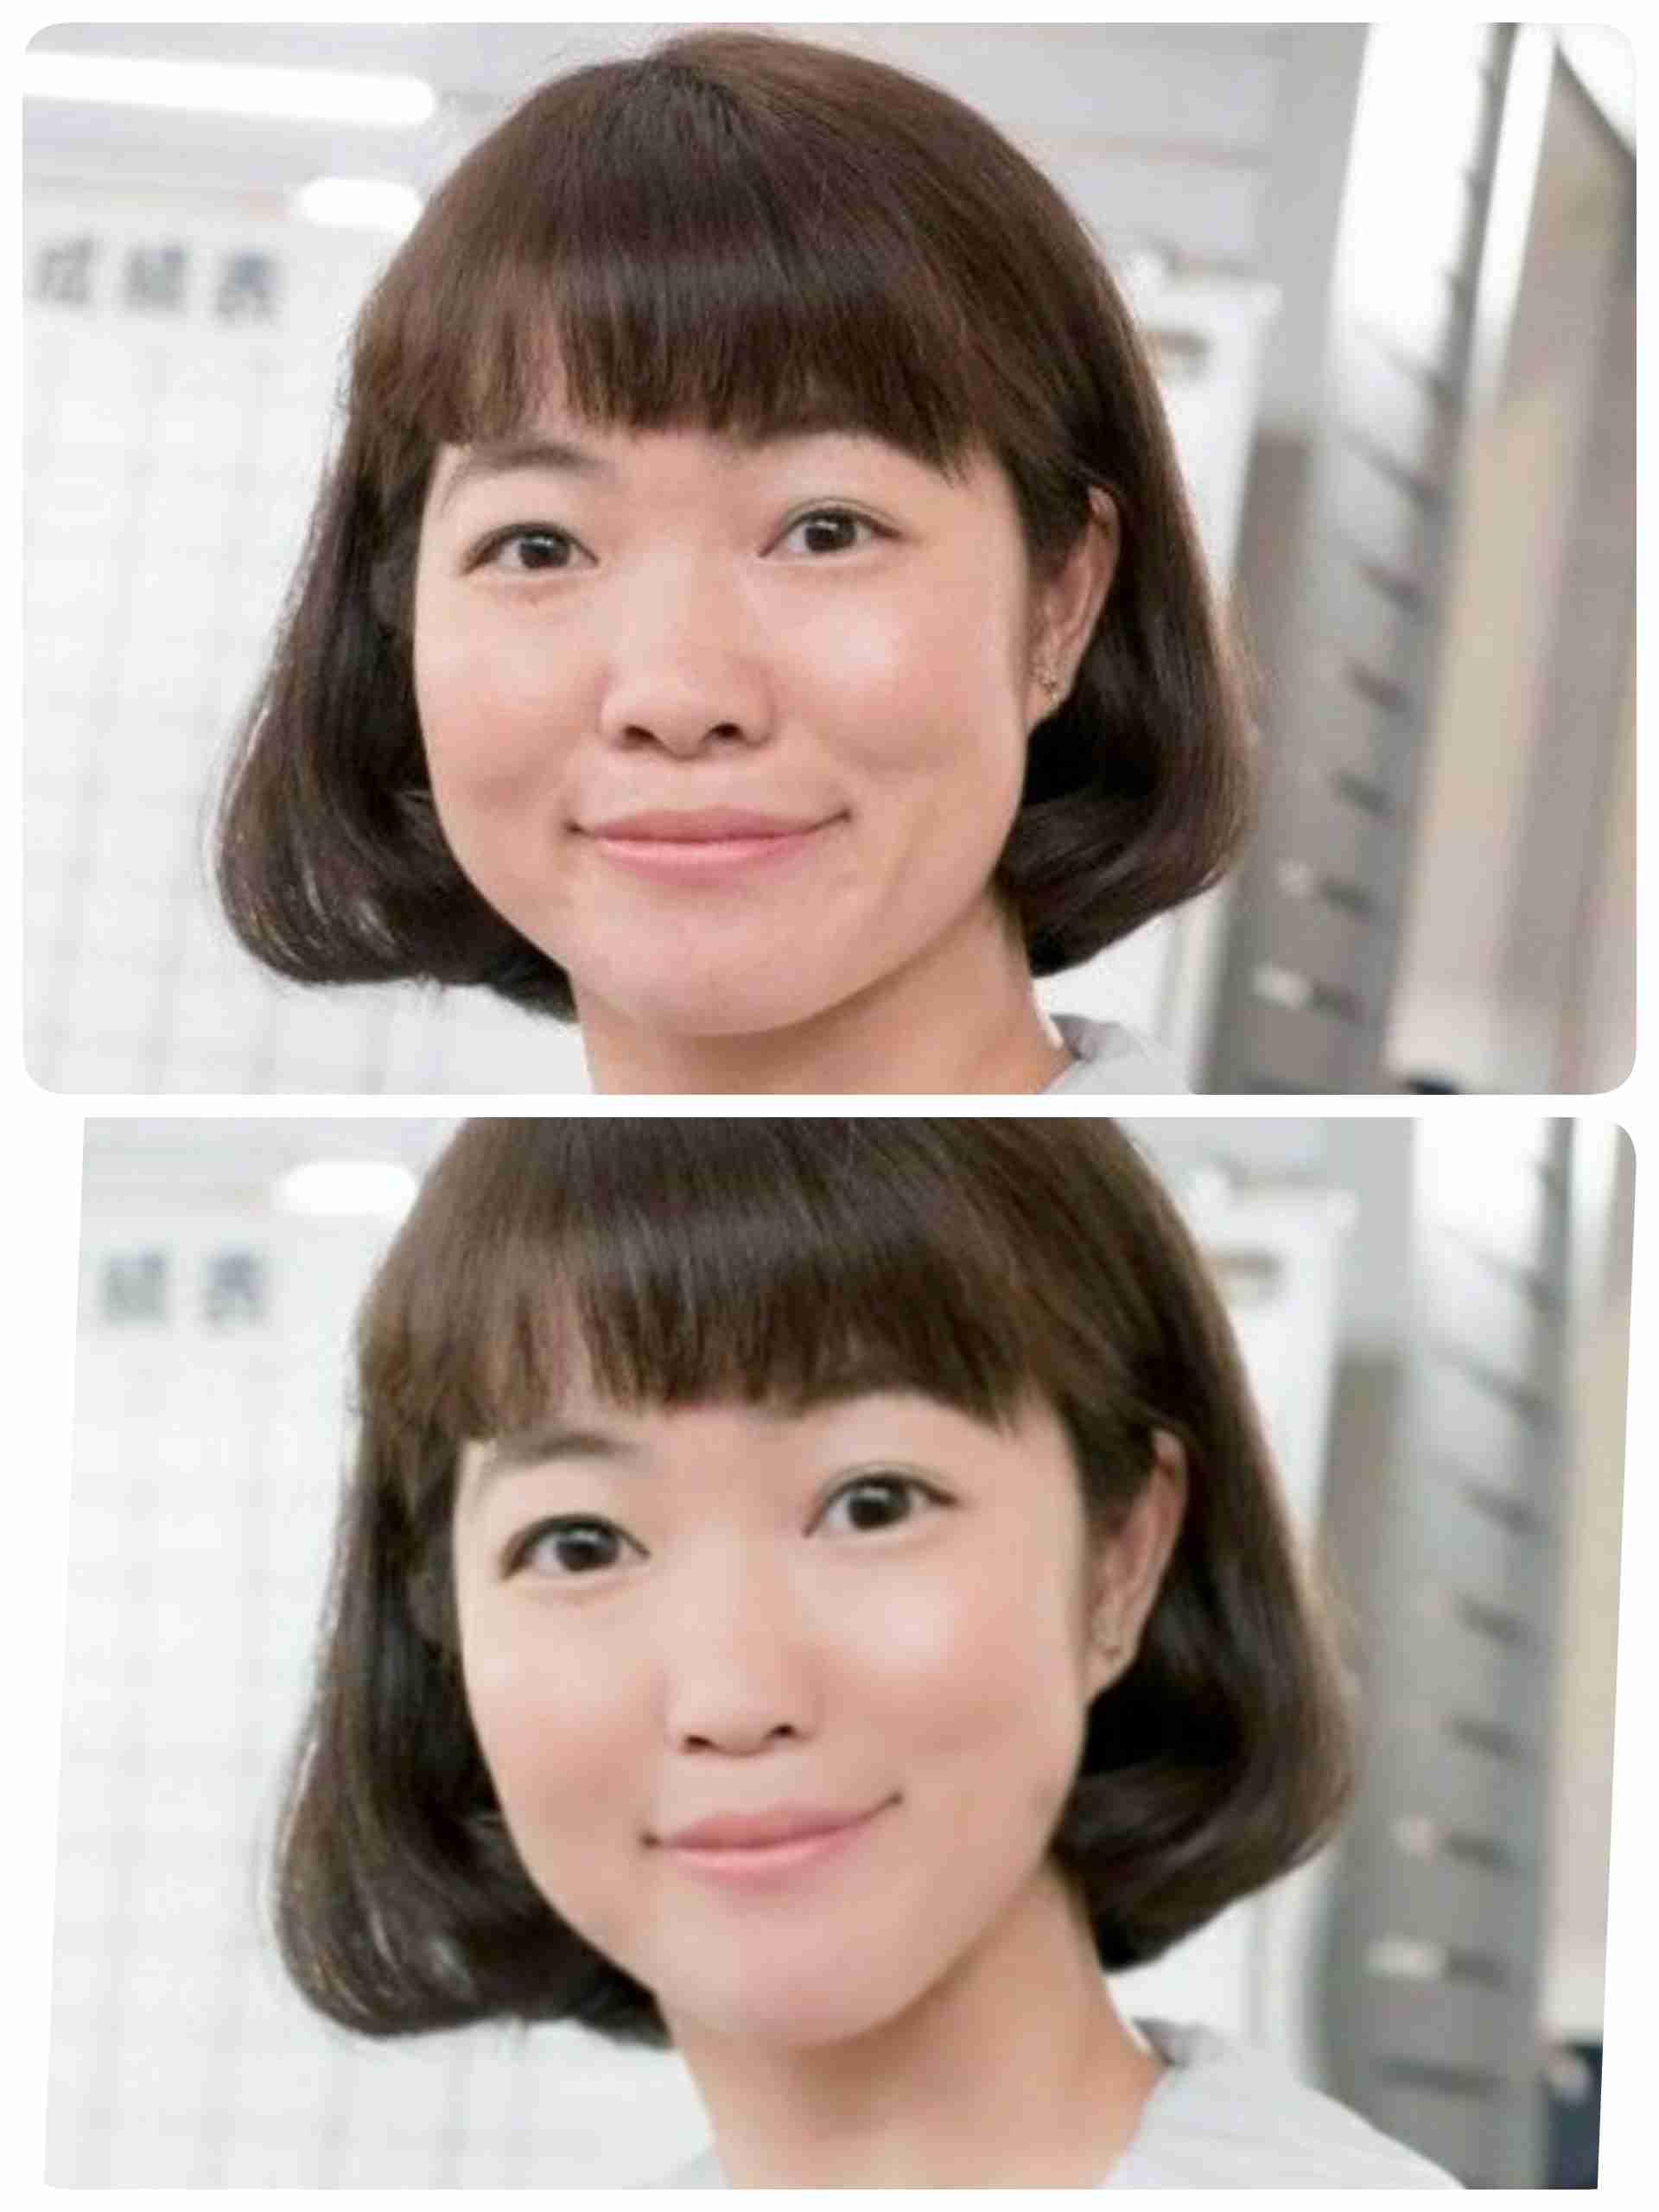 最近のJKの写真がプリクラみたいに肌が綺麗だから、大根で実験してみた